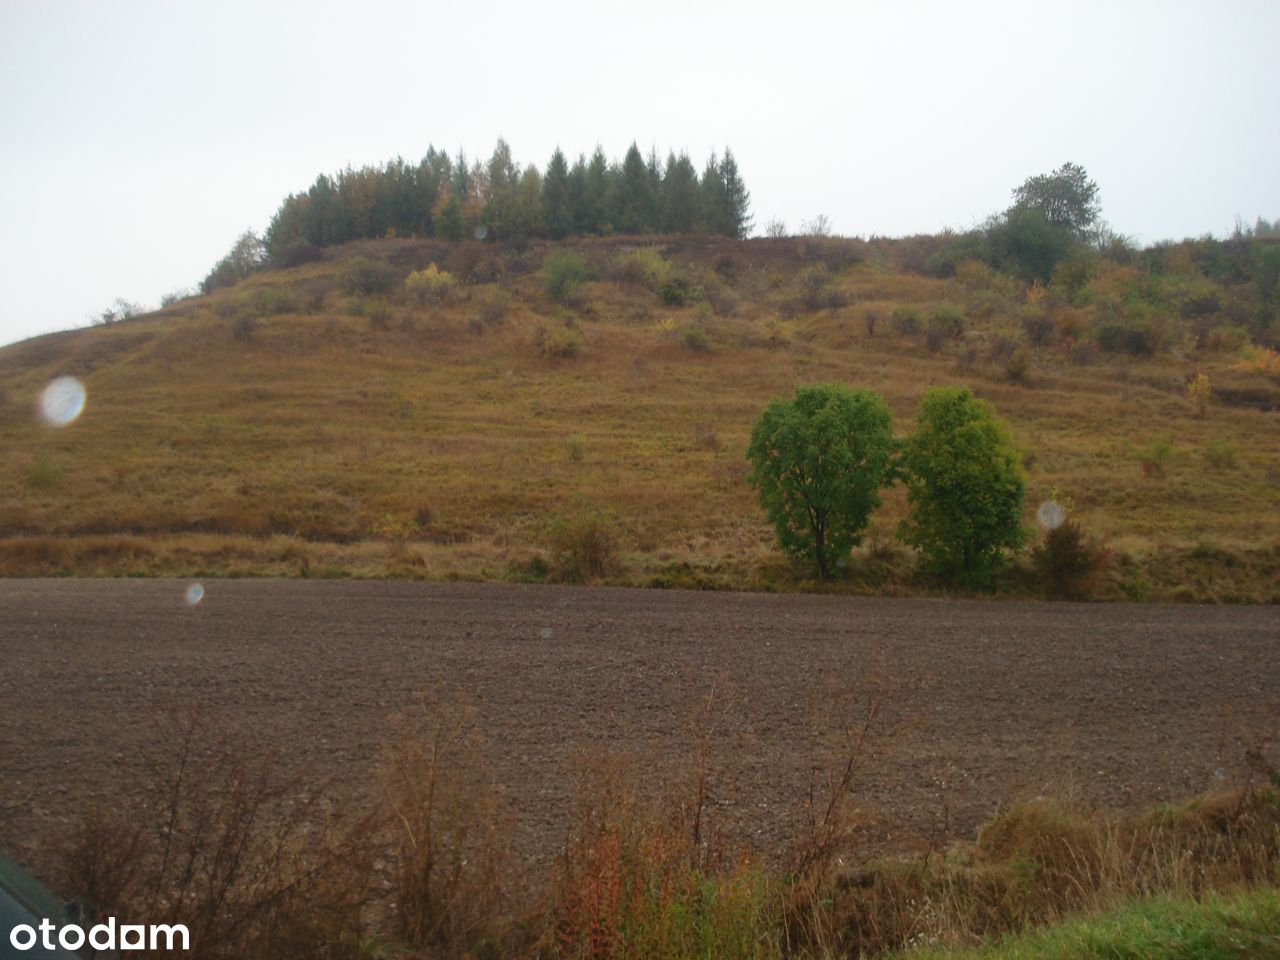 Działka rolno-budowlana, 12900m2, Pełczyska